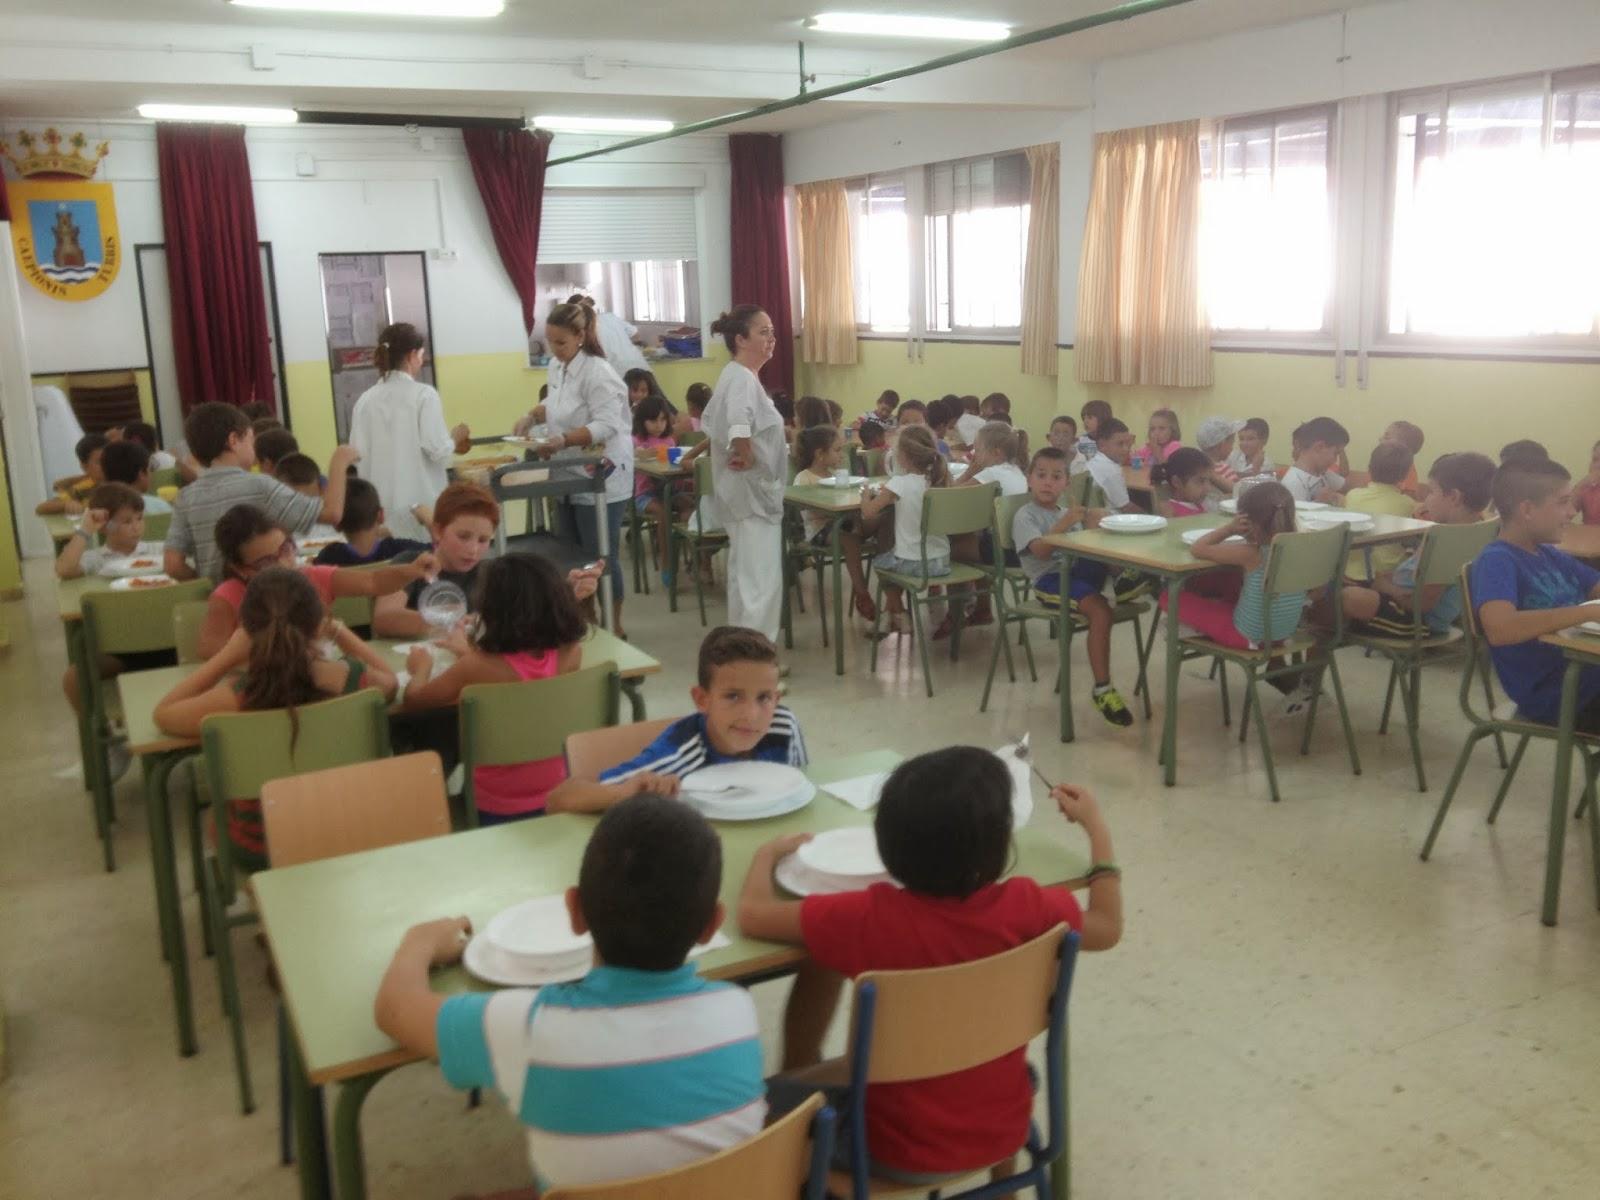 Ceip maestro manuel aparcero for El comedor escolar